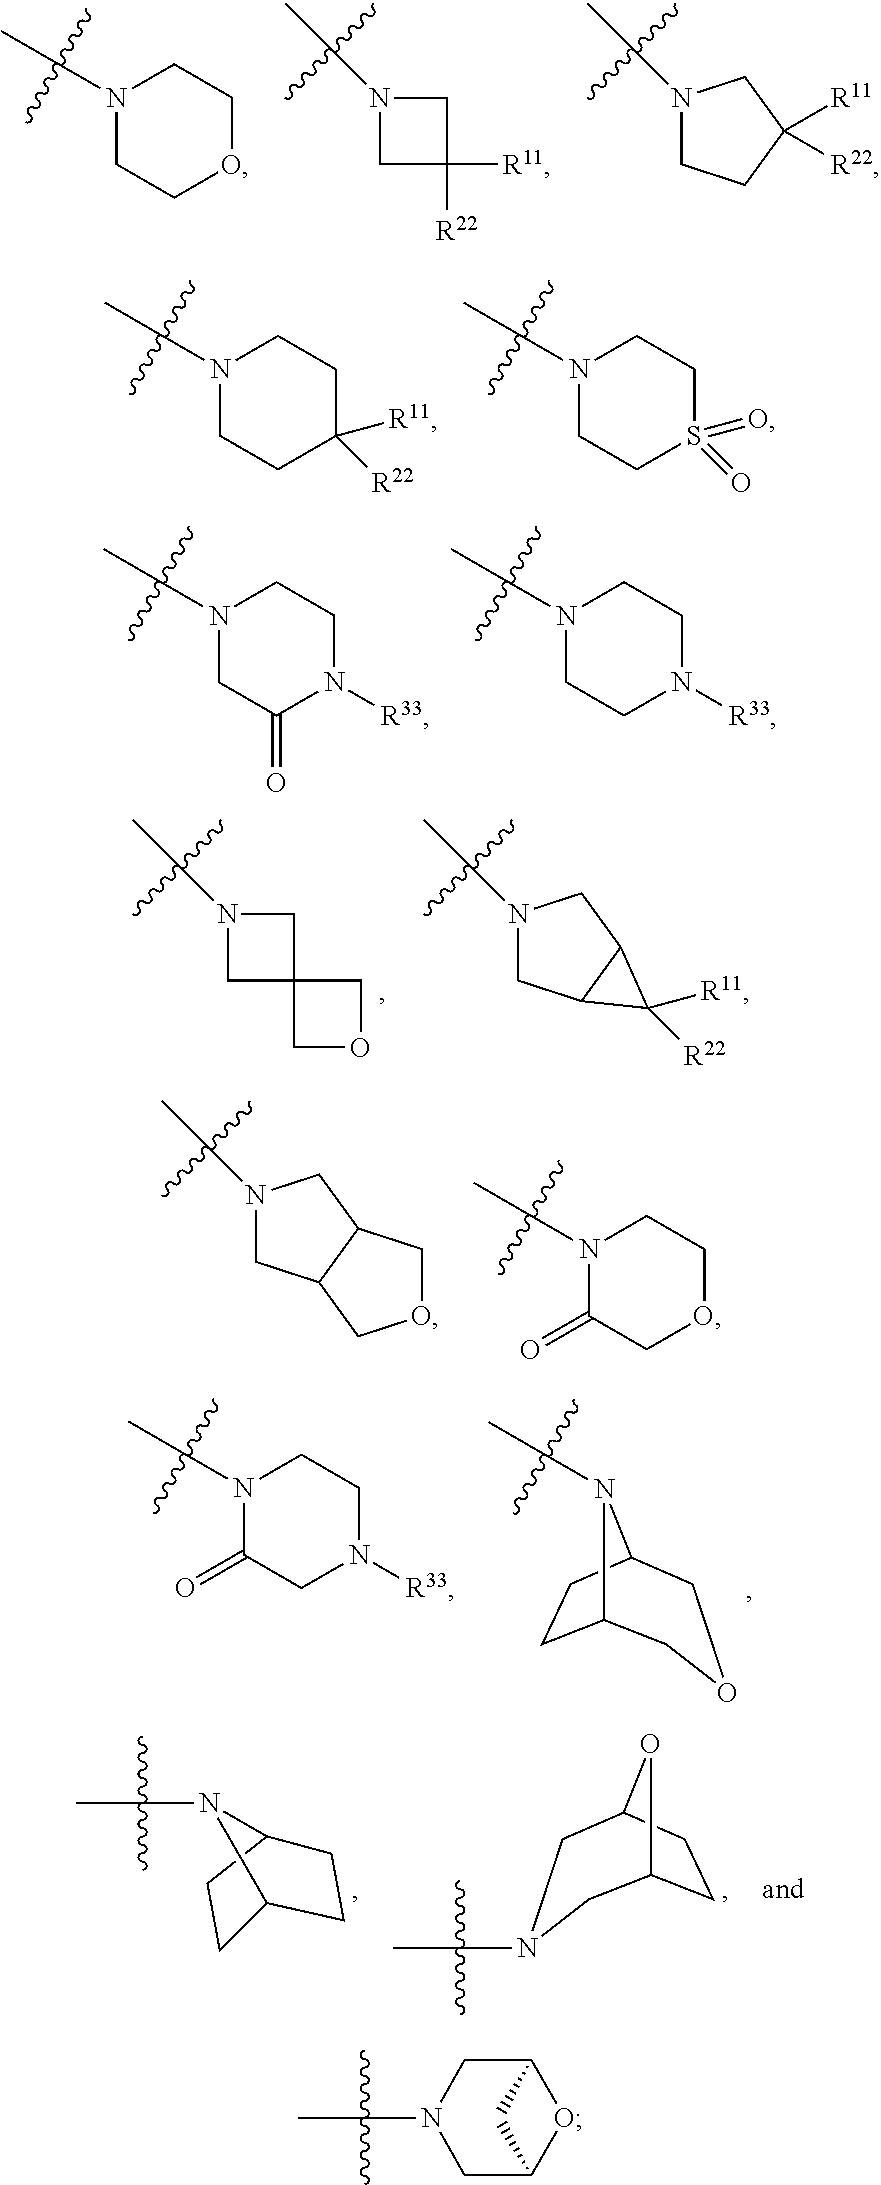 Figure US20180230137A1-20180816-C00010